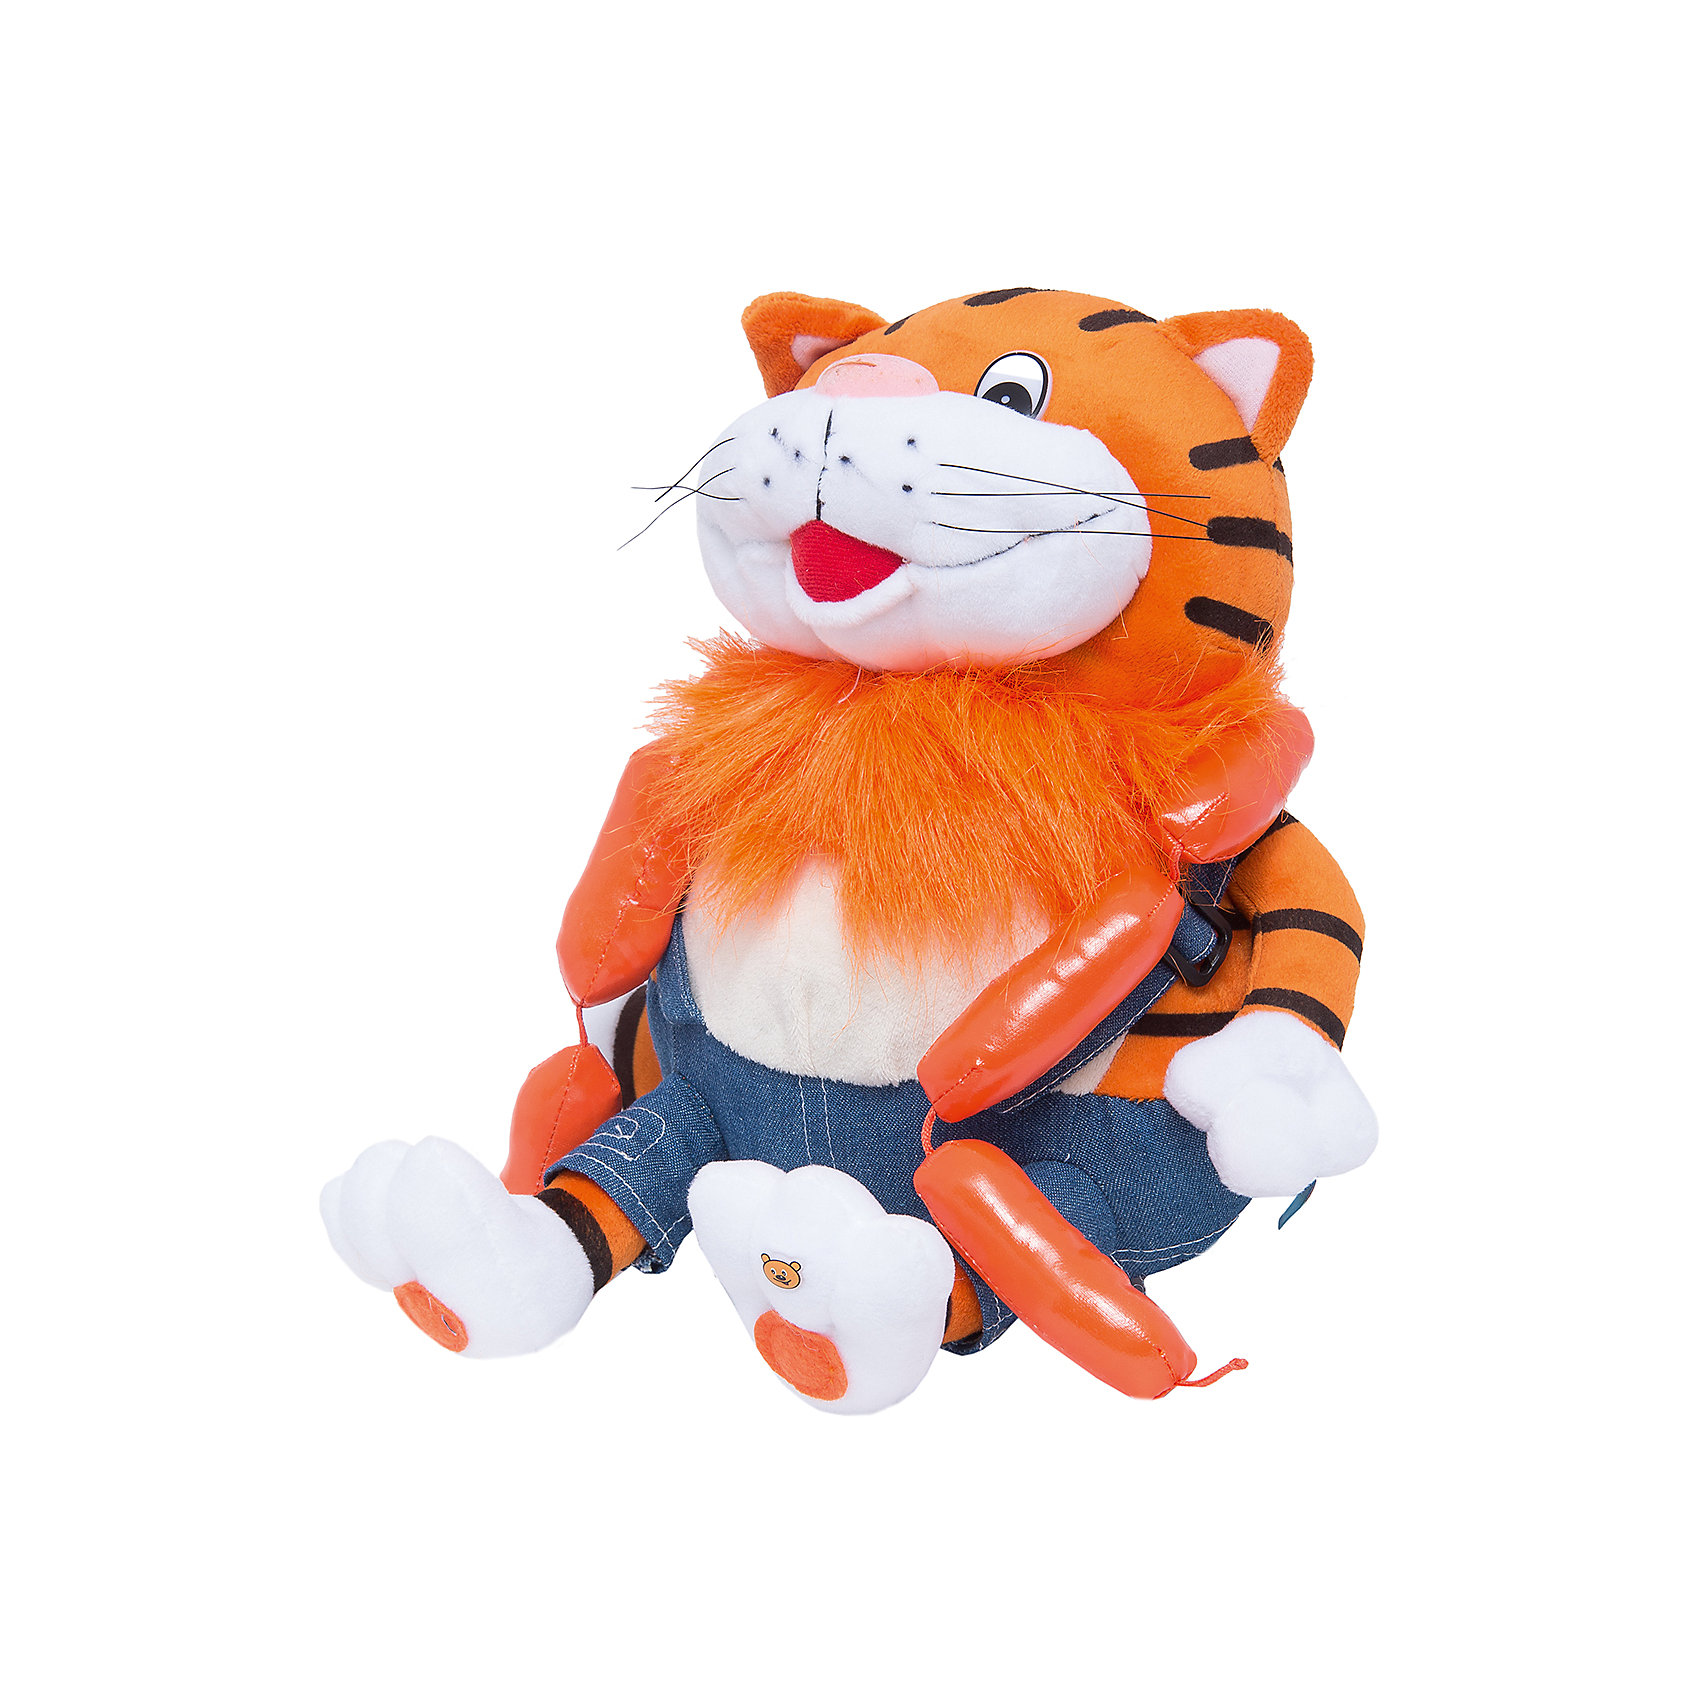 МУЛЬТИ-ПУЛЬТИ Мягкая игрушка Кот с сосисками, 25 см, МУЛЬТИ-ПУЛЬТИ мульти пульти мягкая игрушка кот леопольд 20 см со звуком мульти пульти